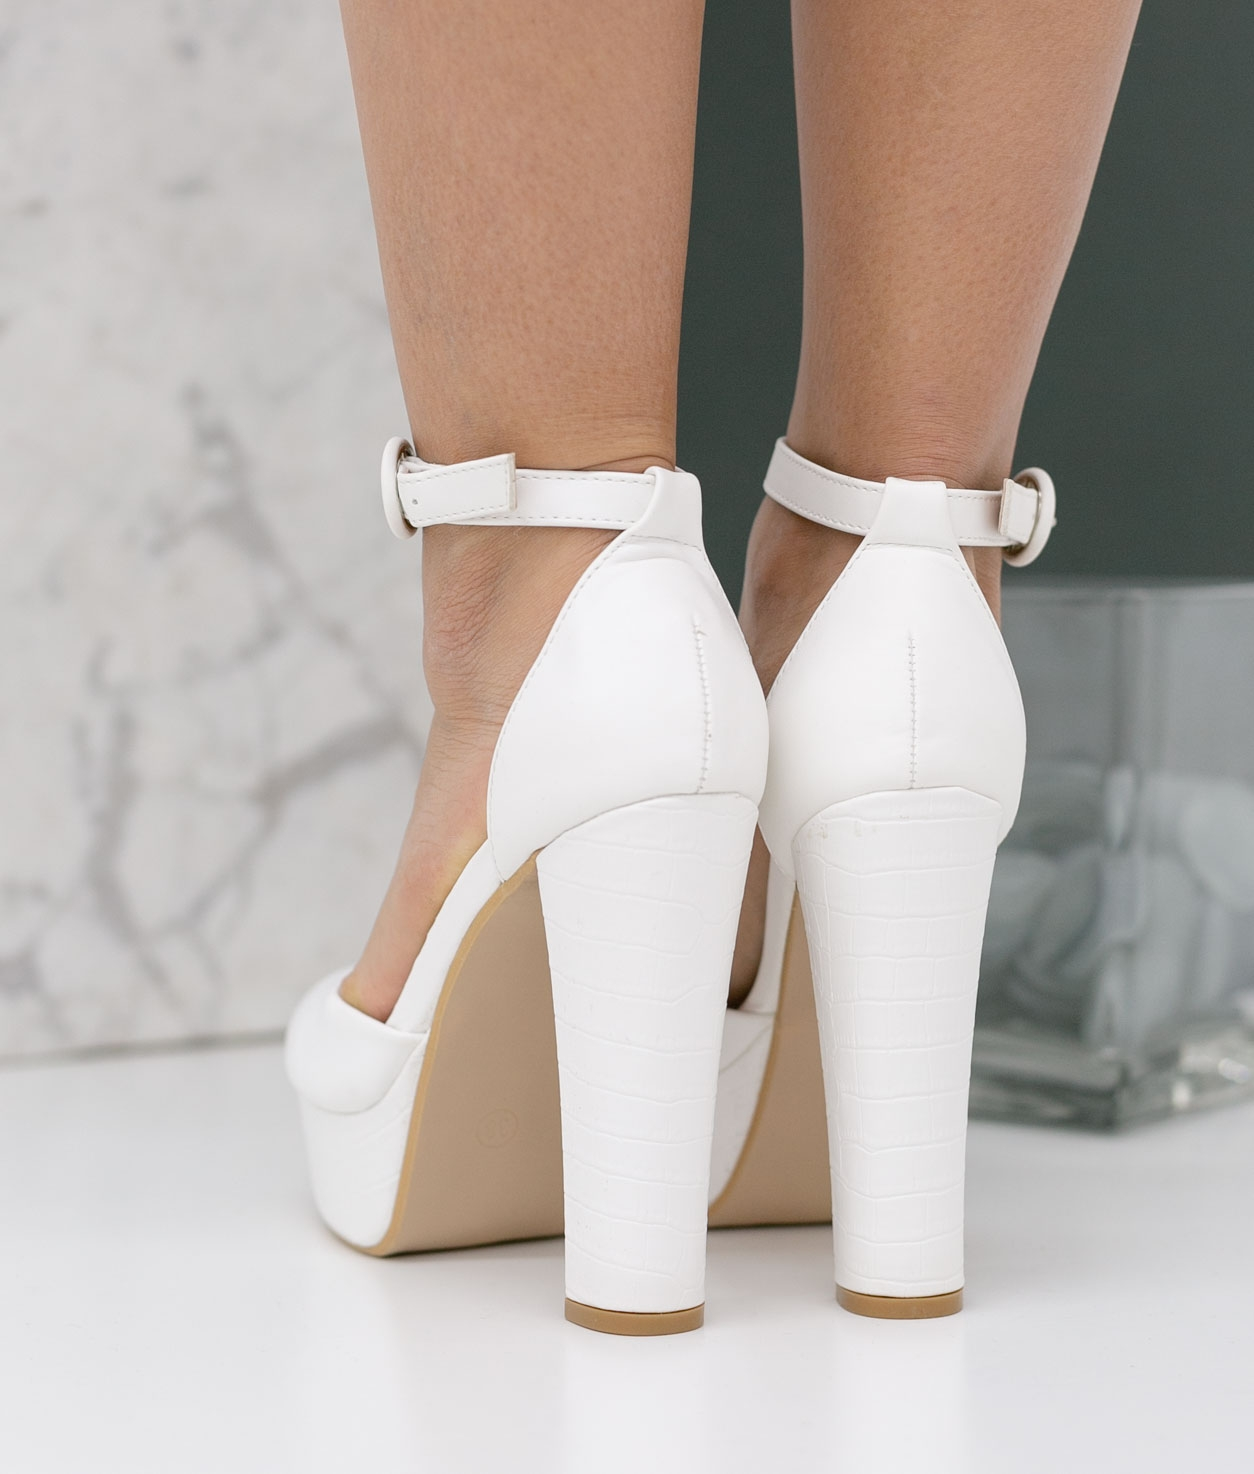 Shoe Yanos - White